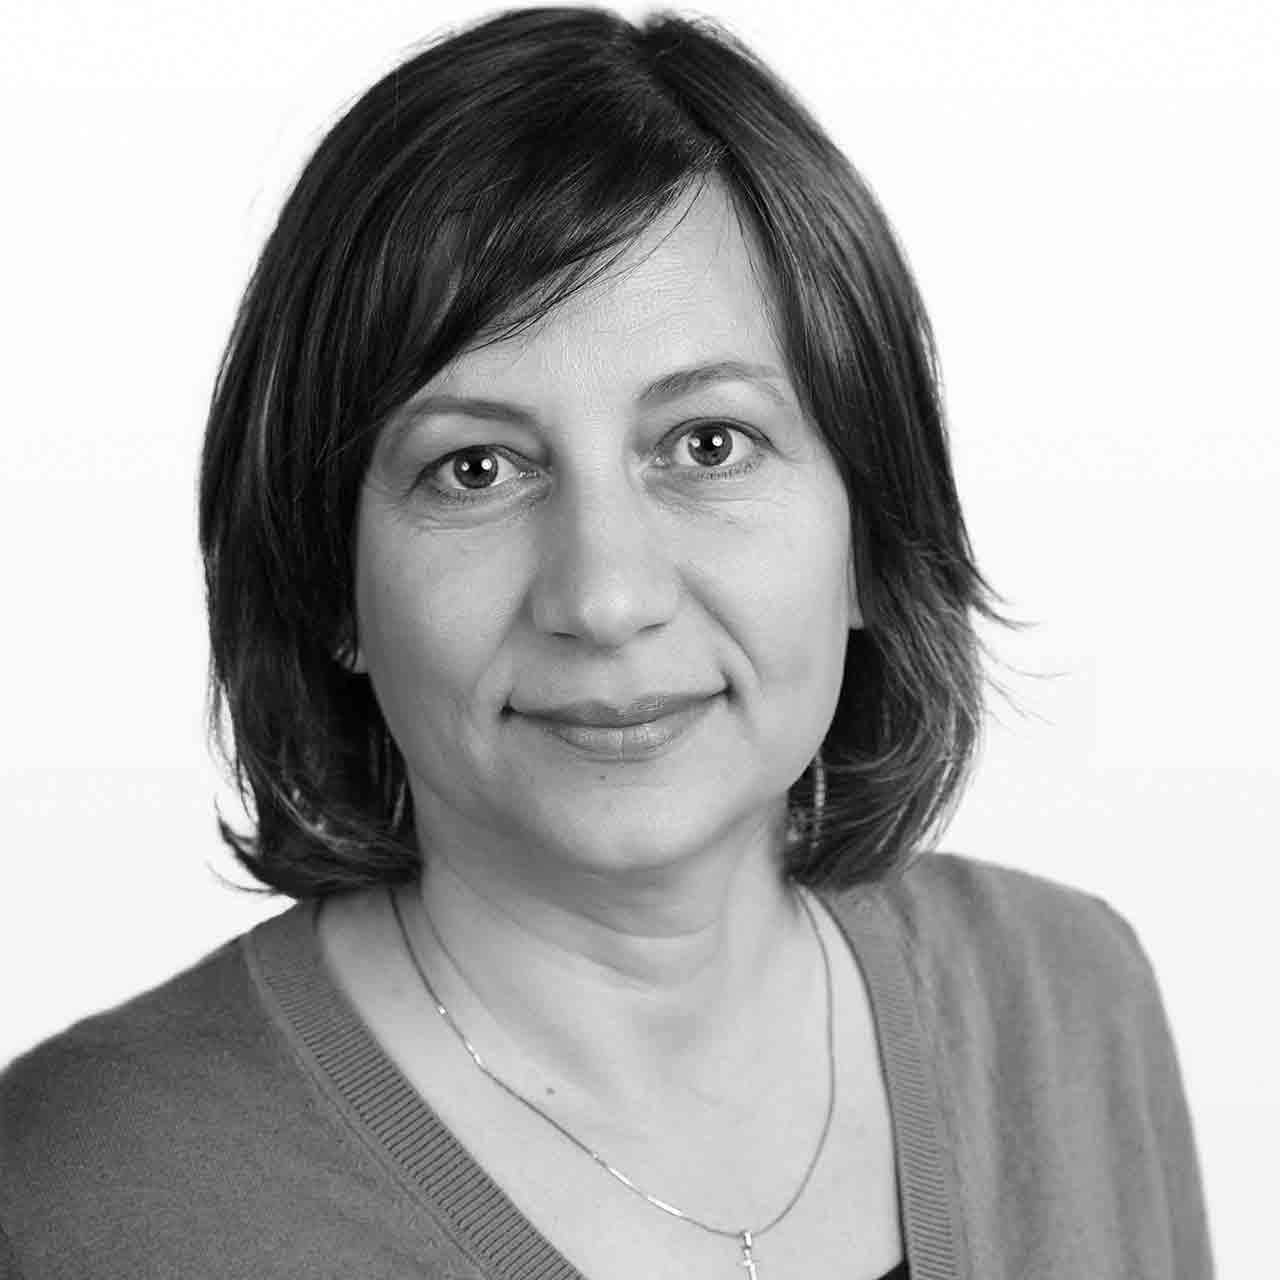 Monica Haidu